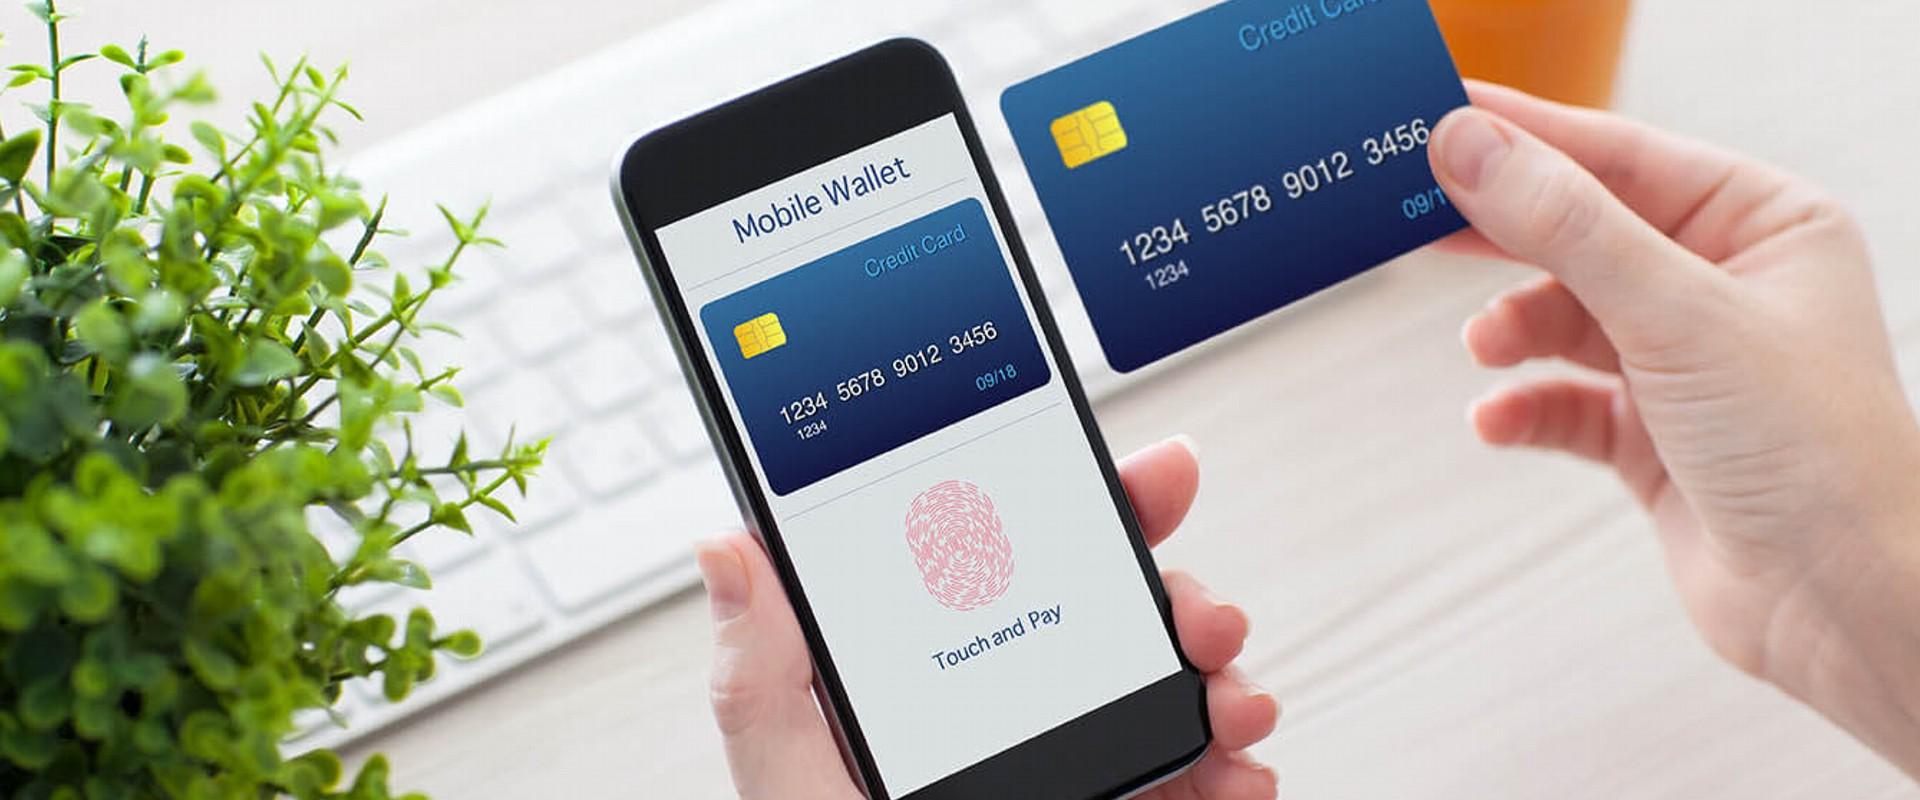 E-Money Payments